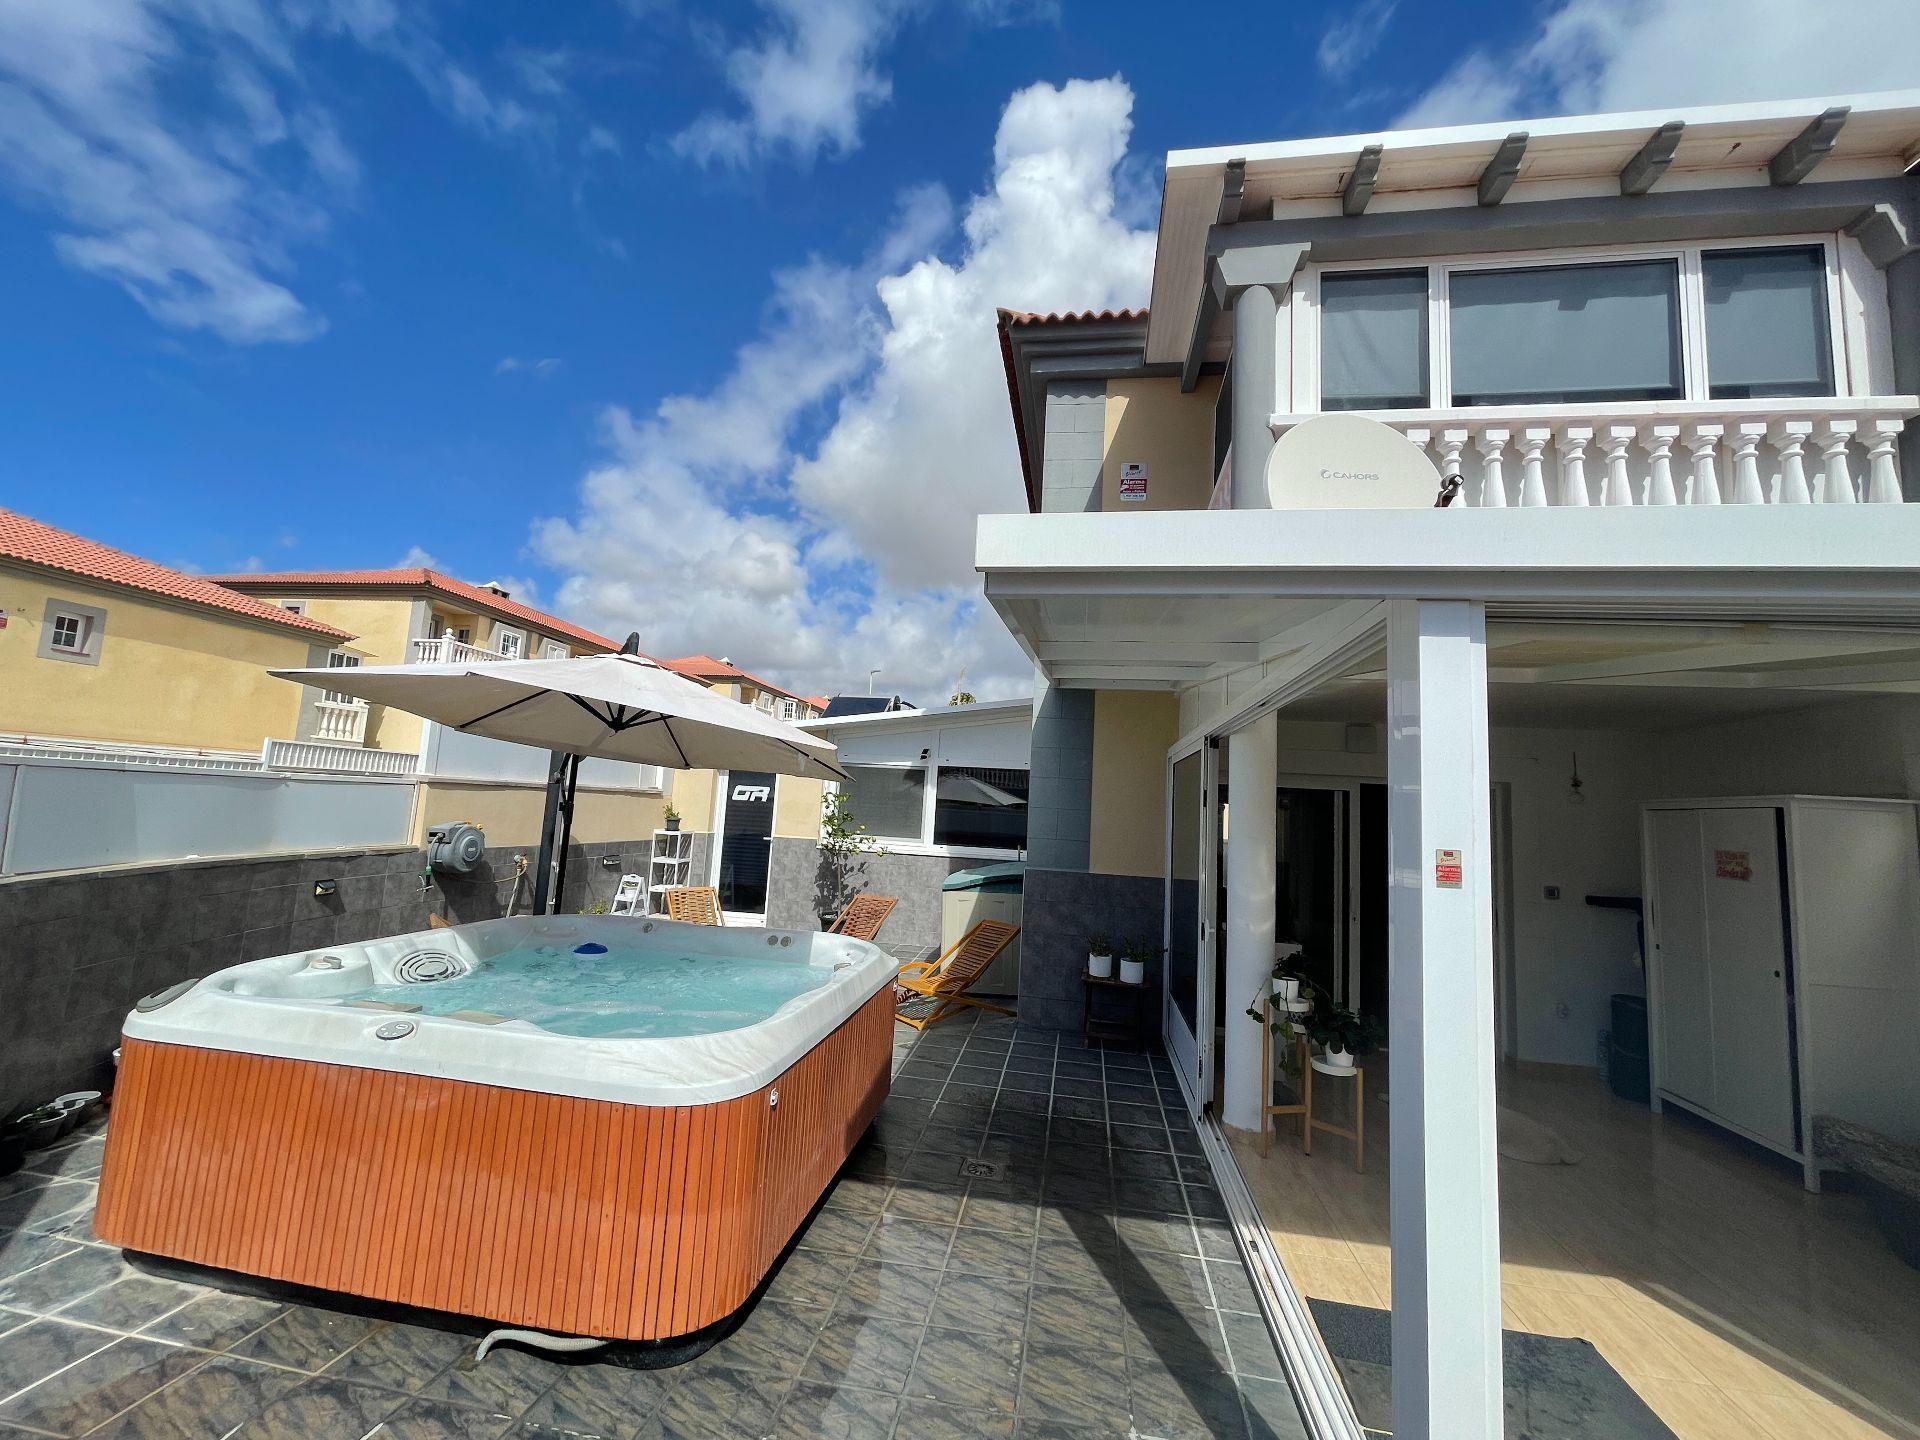 Casa adosada en Granadilla de Abona, EL MÉDANO, venta